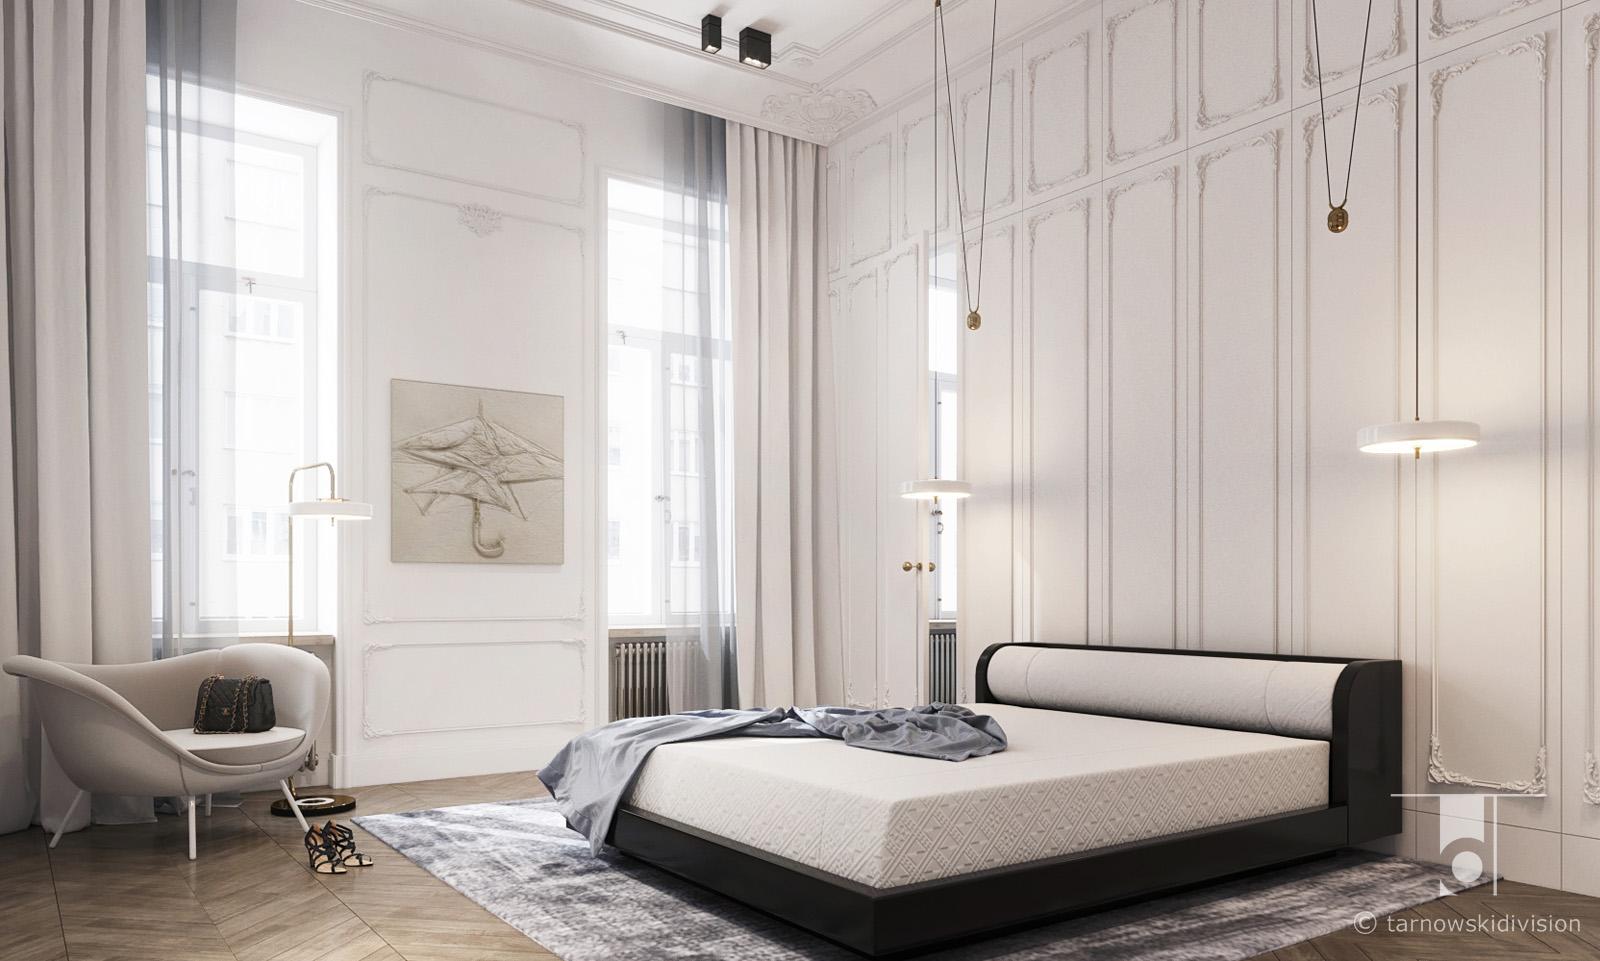 ekskluzywne wnętrza eleganckie wnętrze luksusowe wnętrze sypialni paryski apartament luxury bedroom_tarnowski division